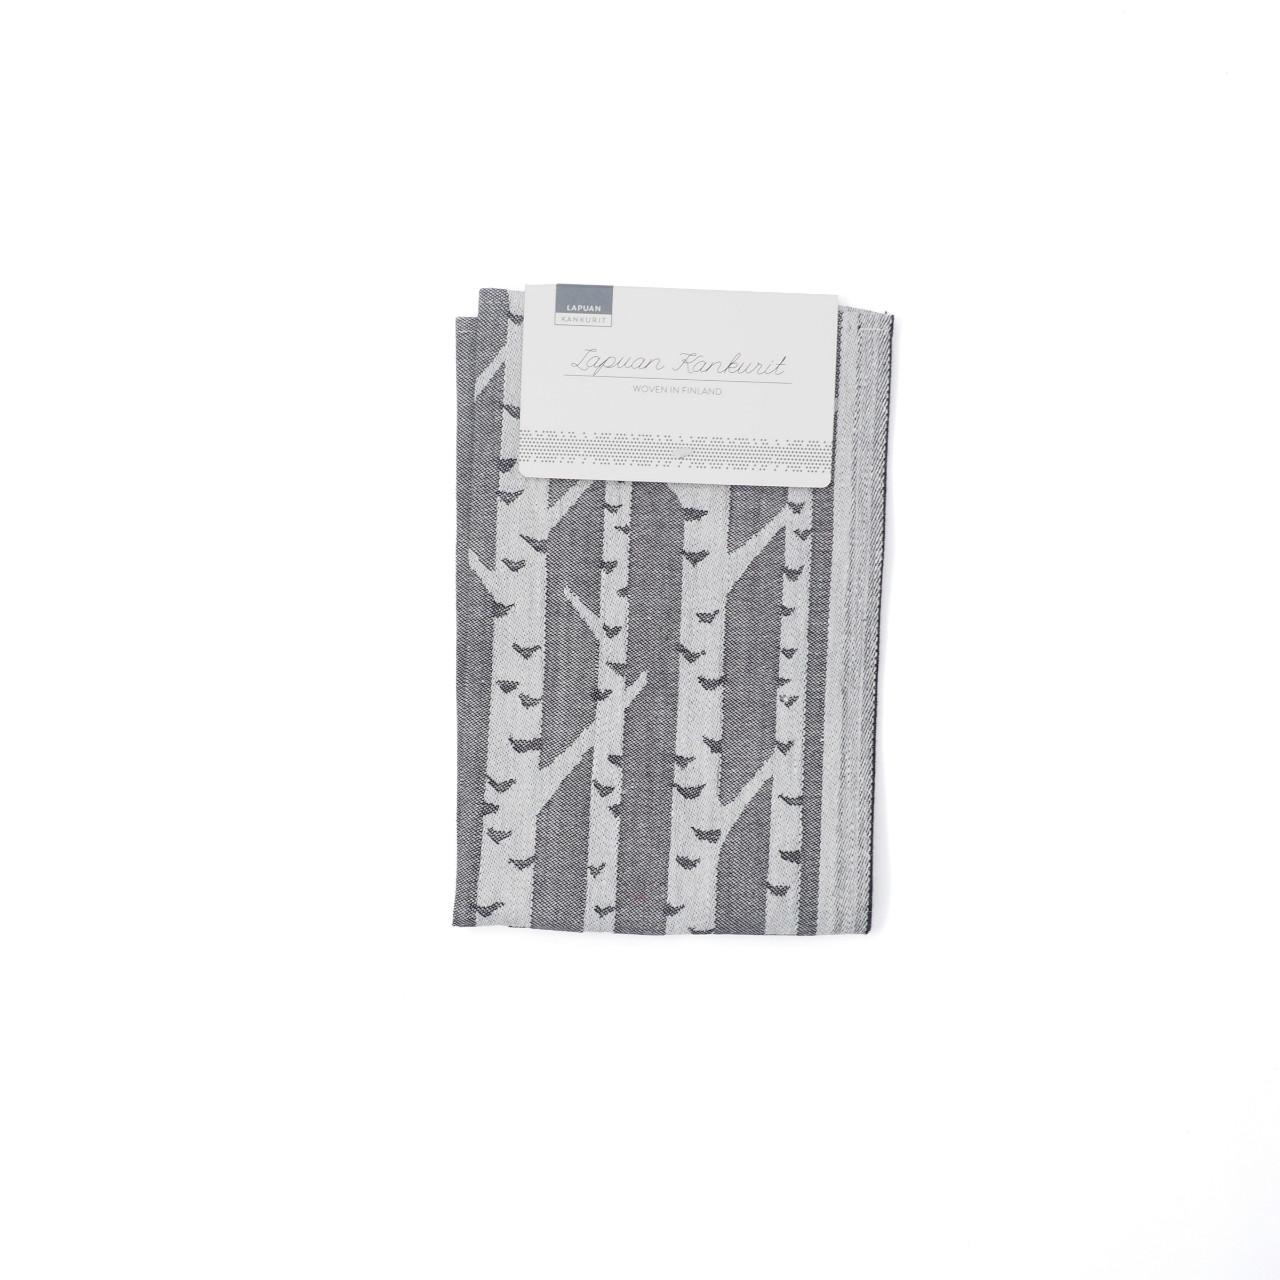 サムネイル:ラプアン カンクリ KOIVU towel